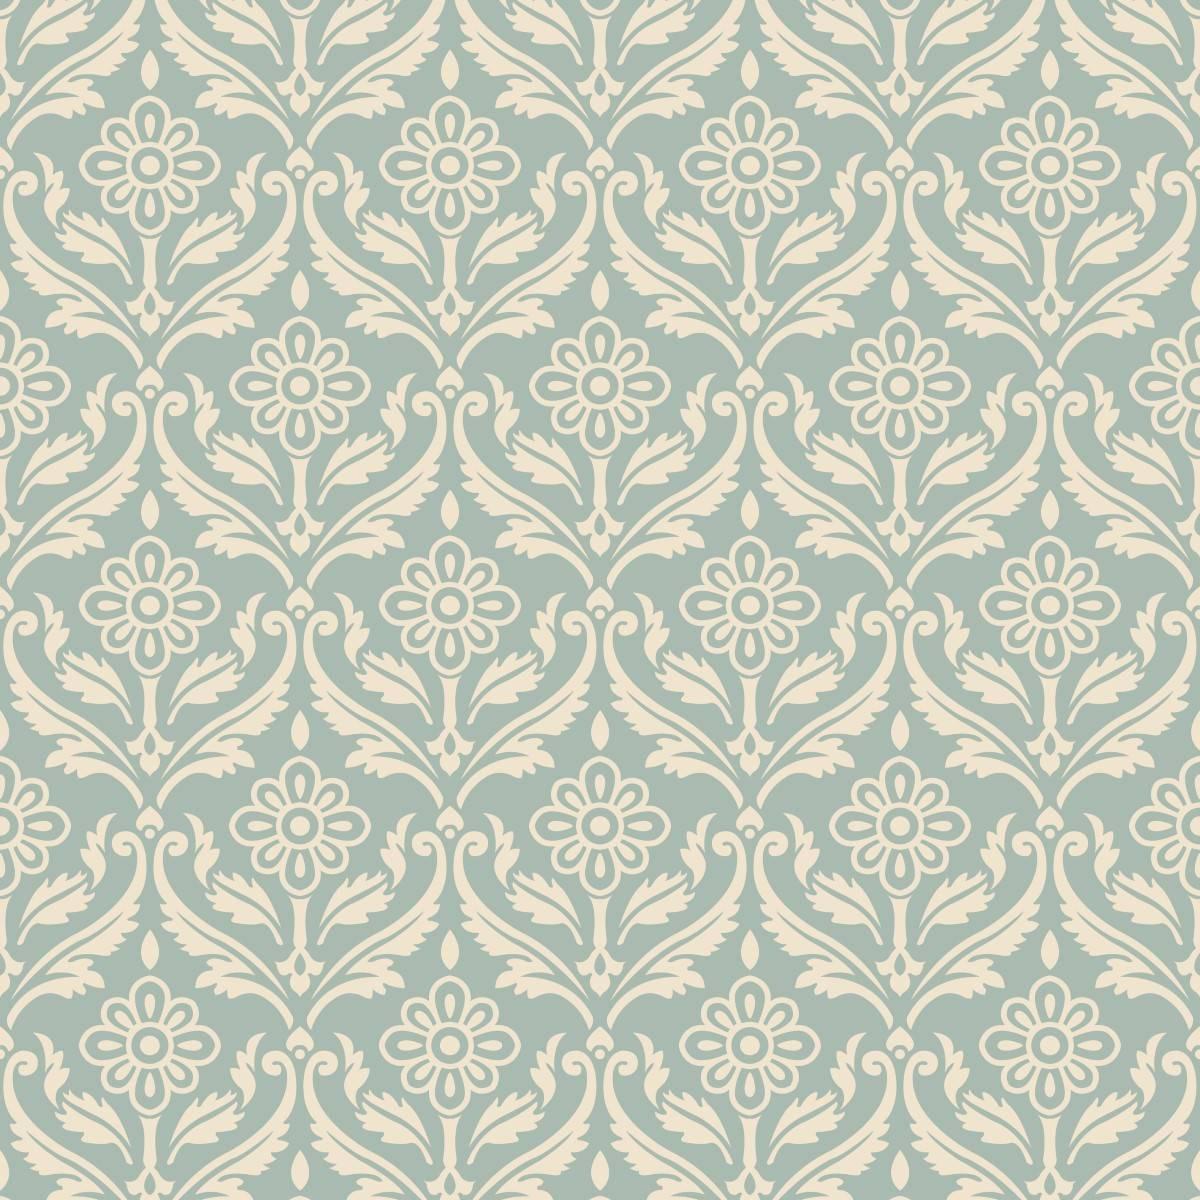 Papel de Parede Arabesco Floral | Adesivo Vinilico imagem 2